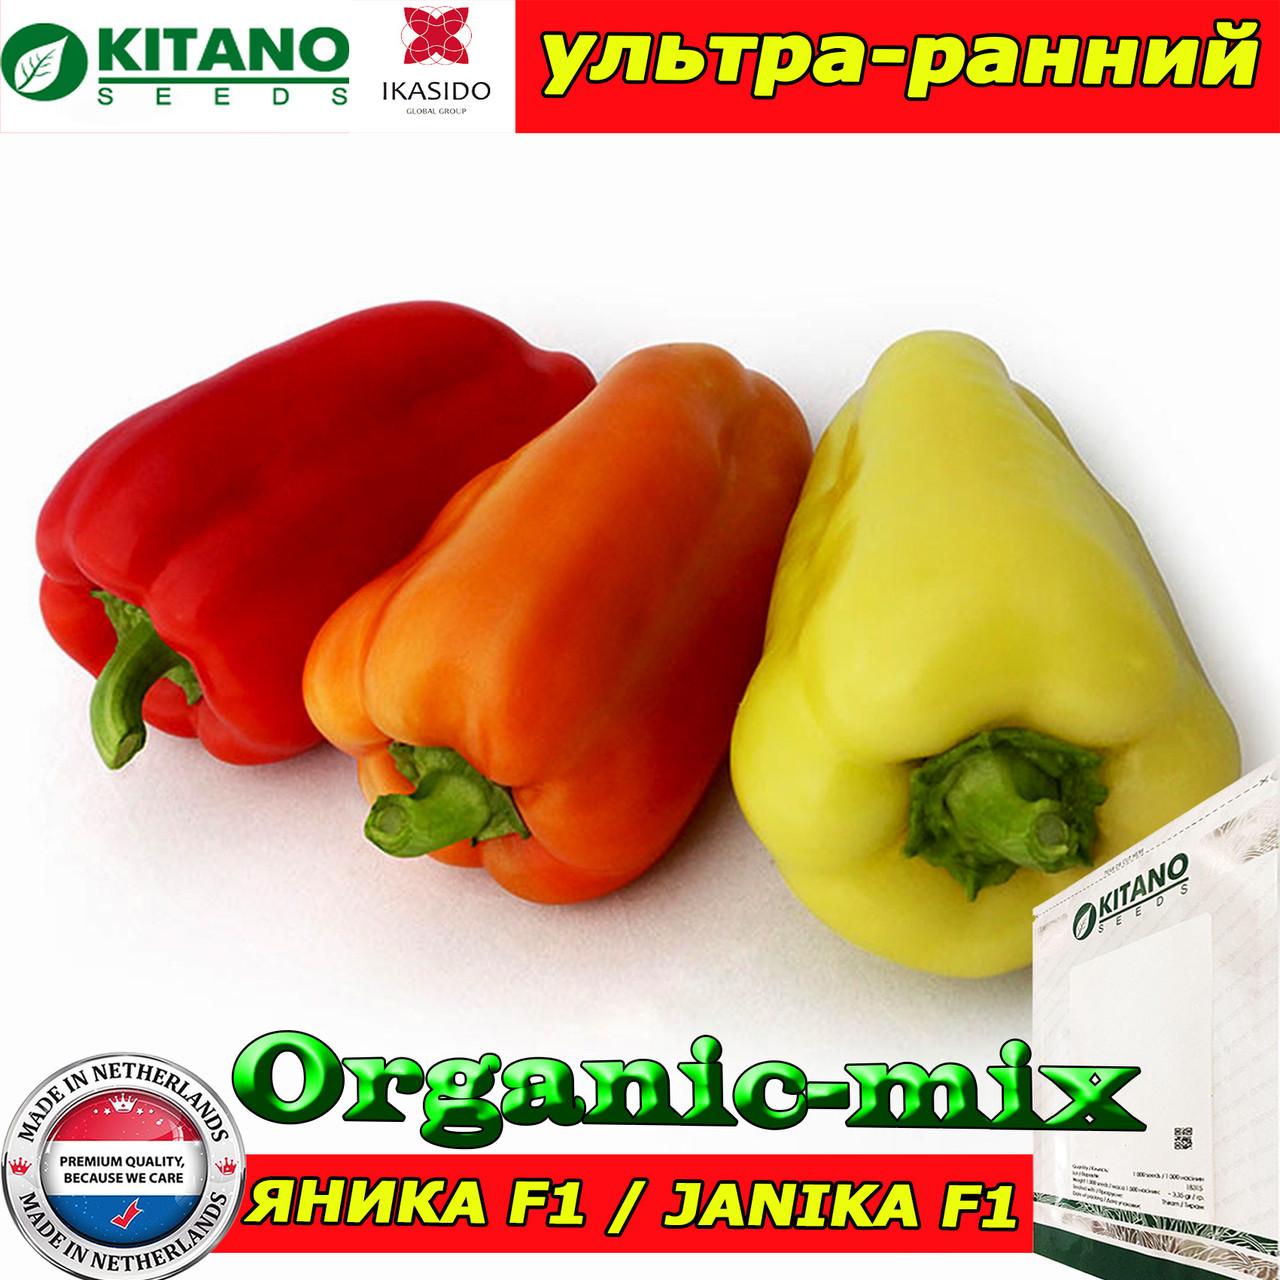 Семена перца ЯНИКА F1, пакет 500 семян, ТМ Kitano Seeds (Нидерланды)